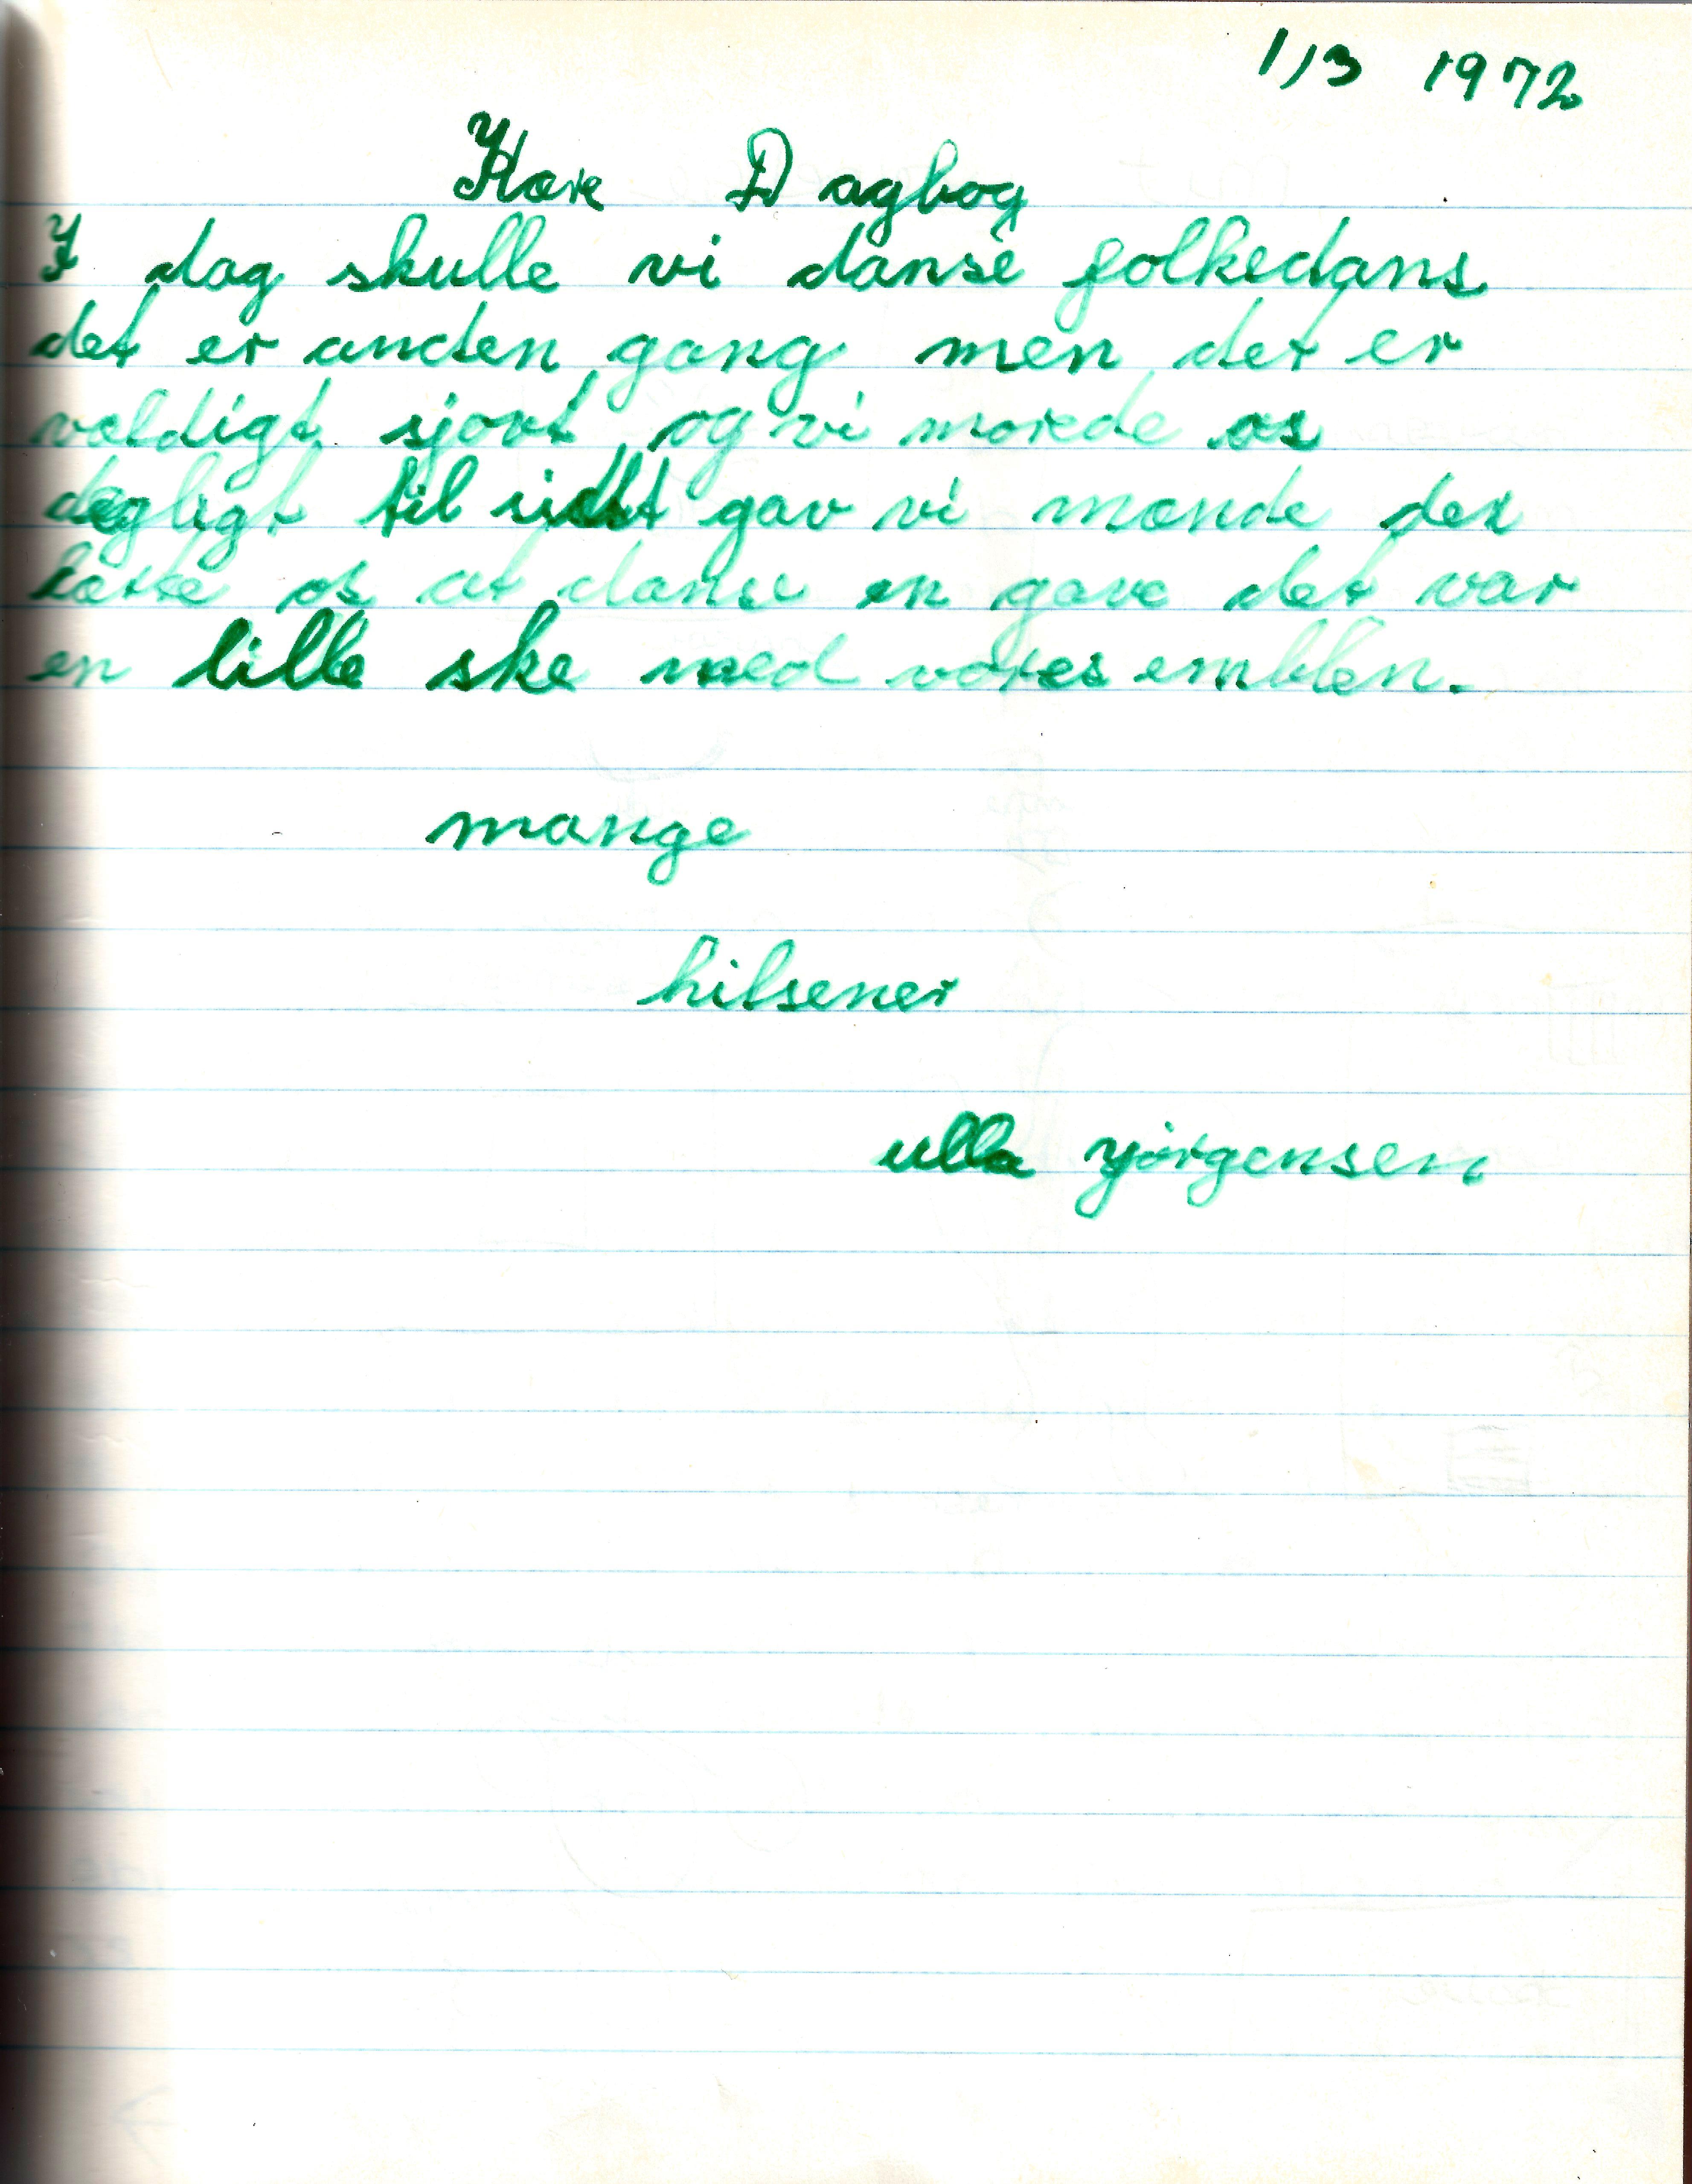 Spirerne 1972 side 8